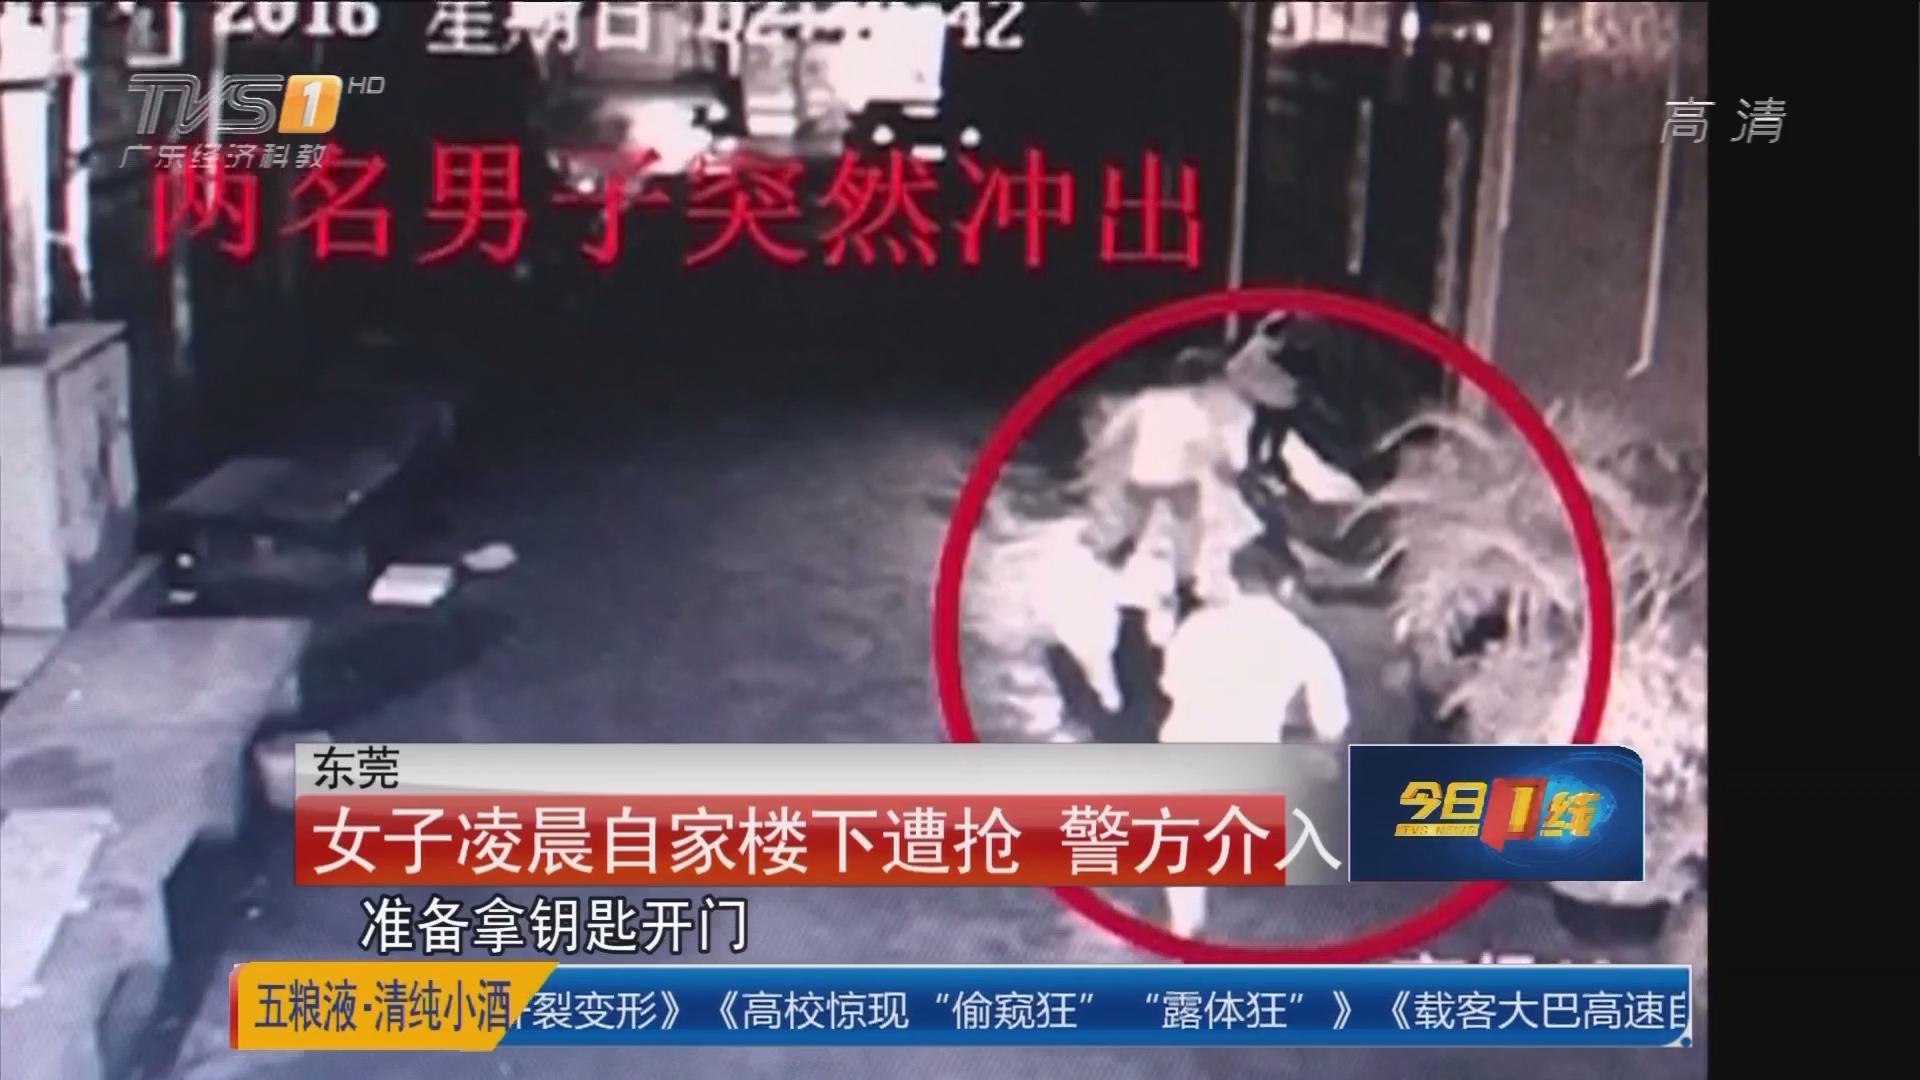 东莞:女子凌晨自家楼下遭抢 警方介入